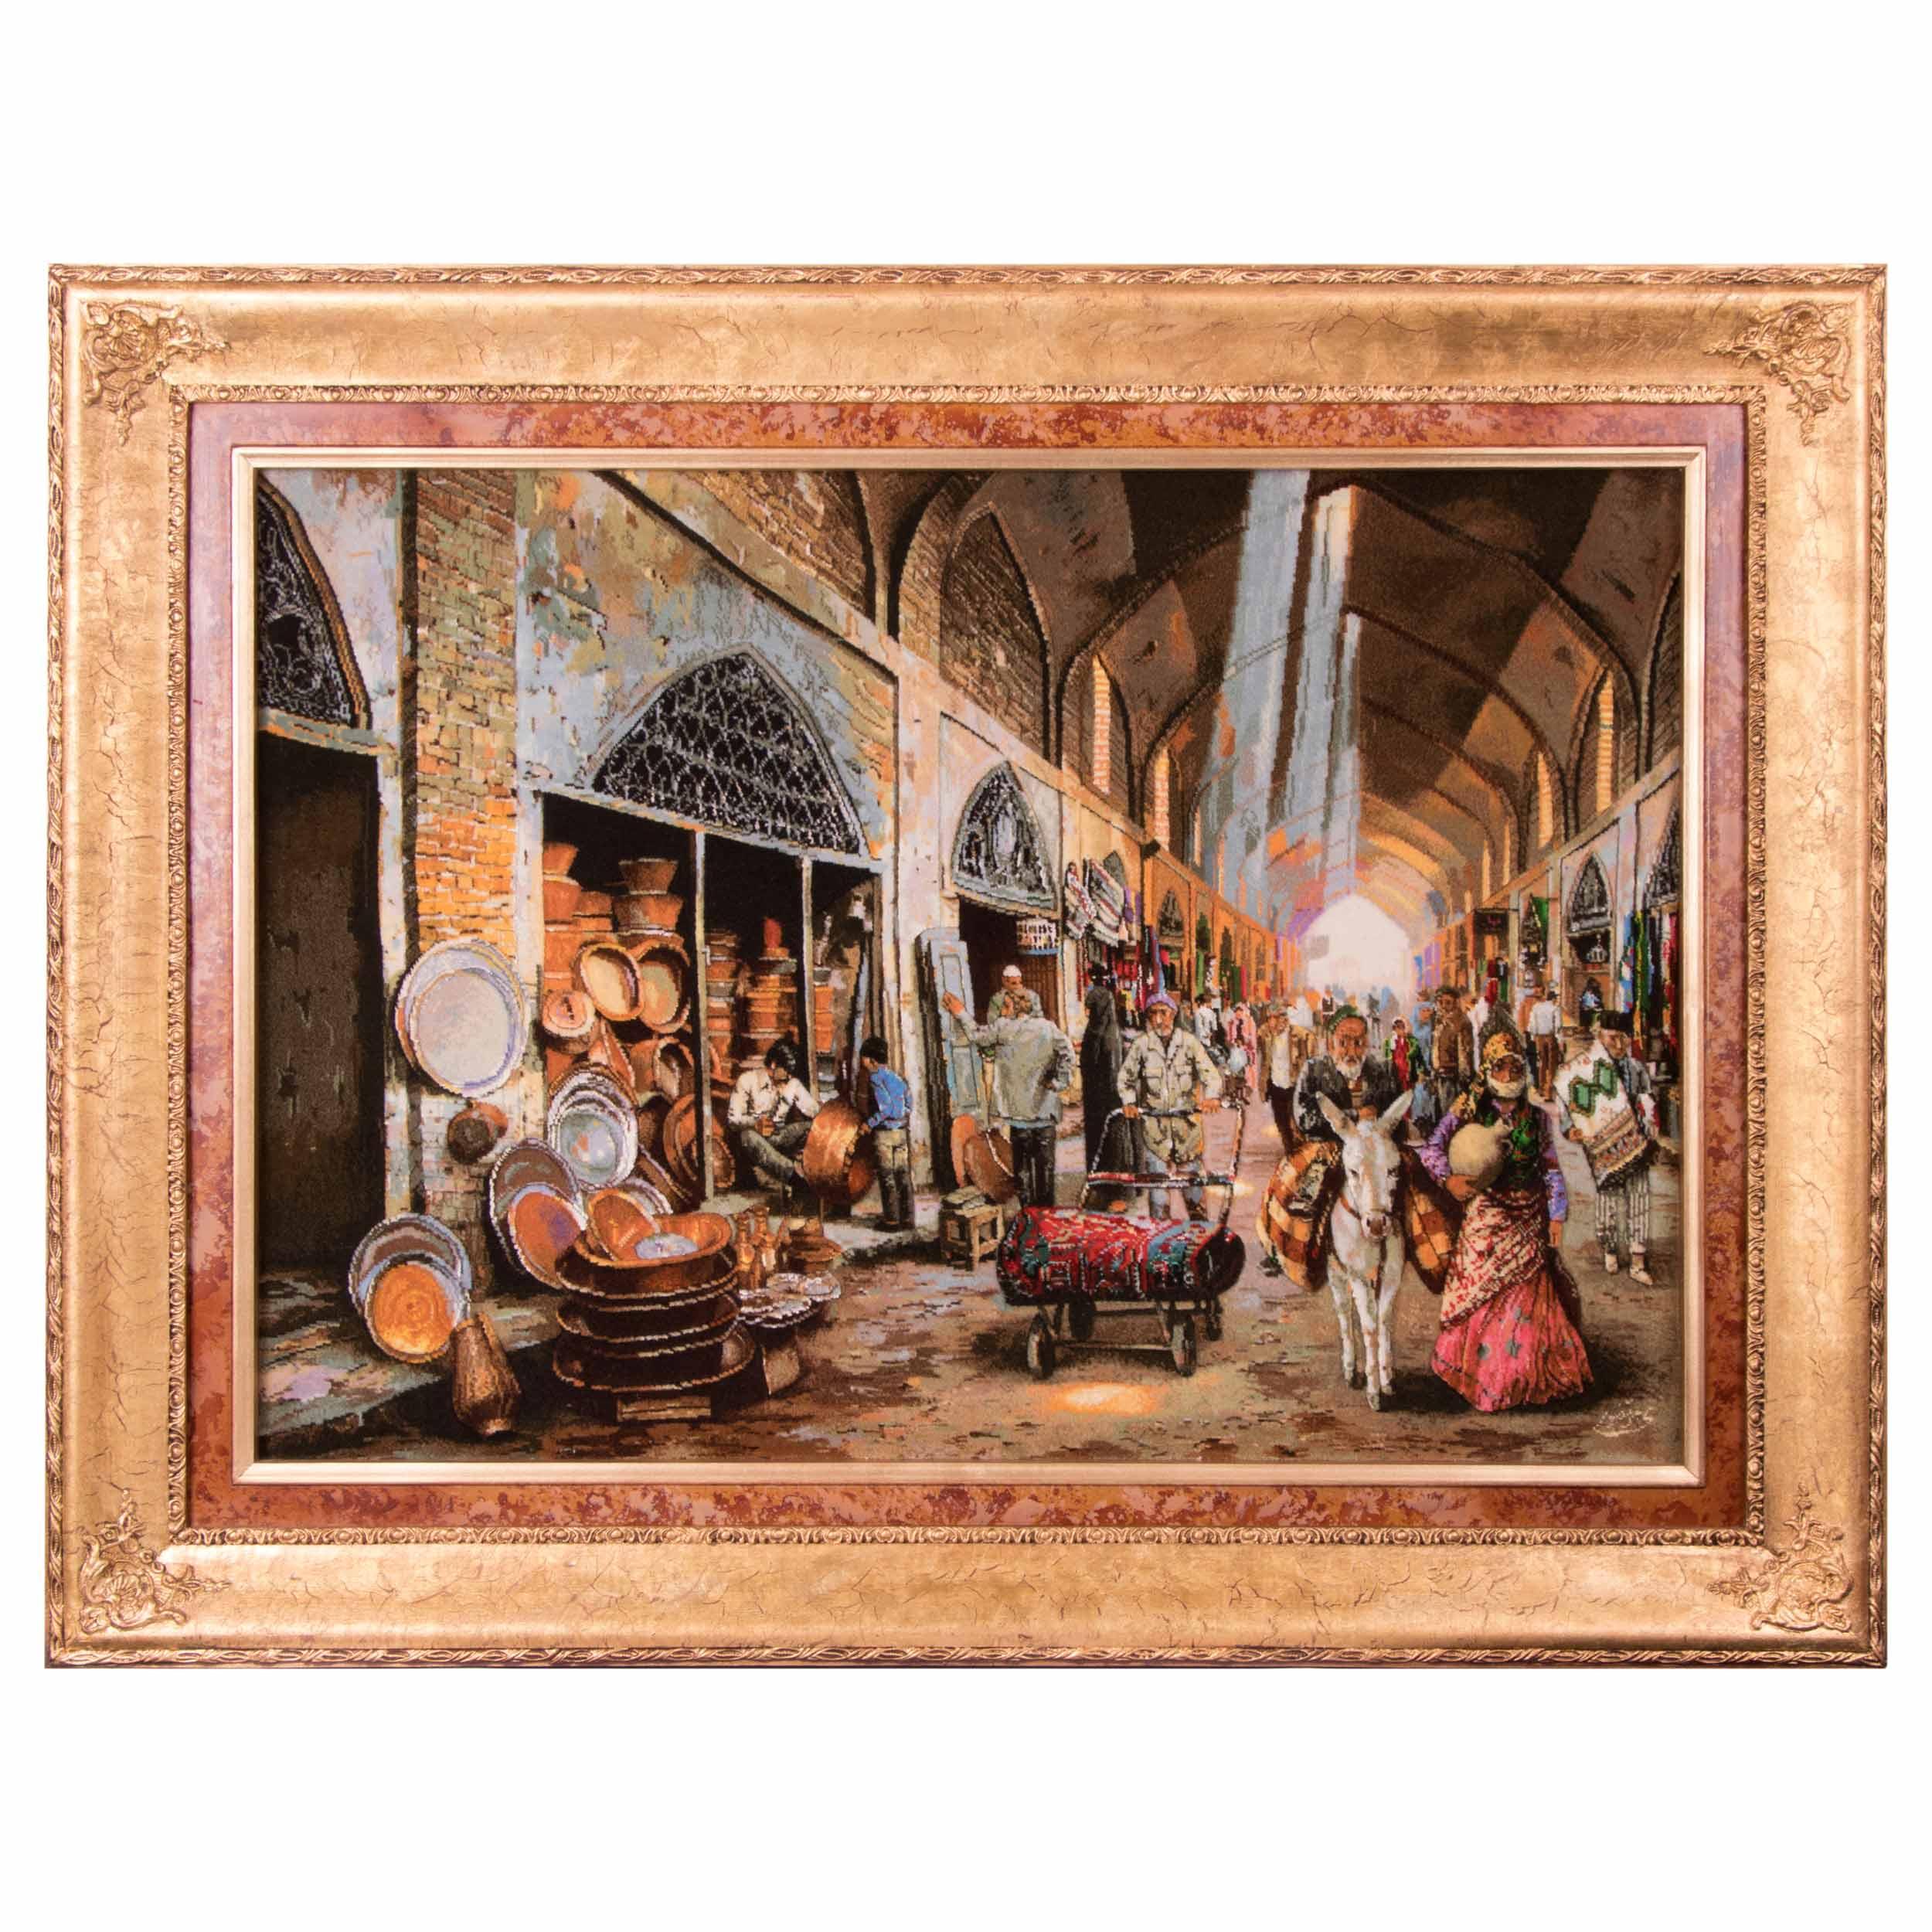 تابلو فرش دستباف بازار مسگرها برجسته سی پرشیا کد 901573